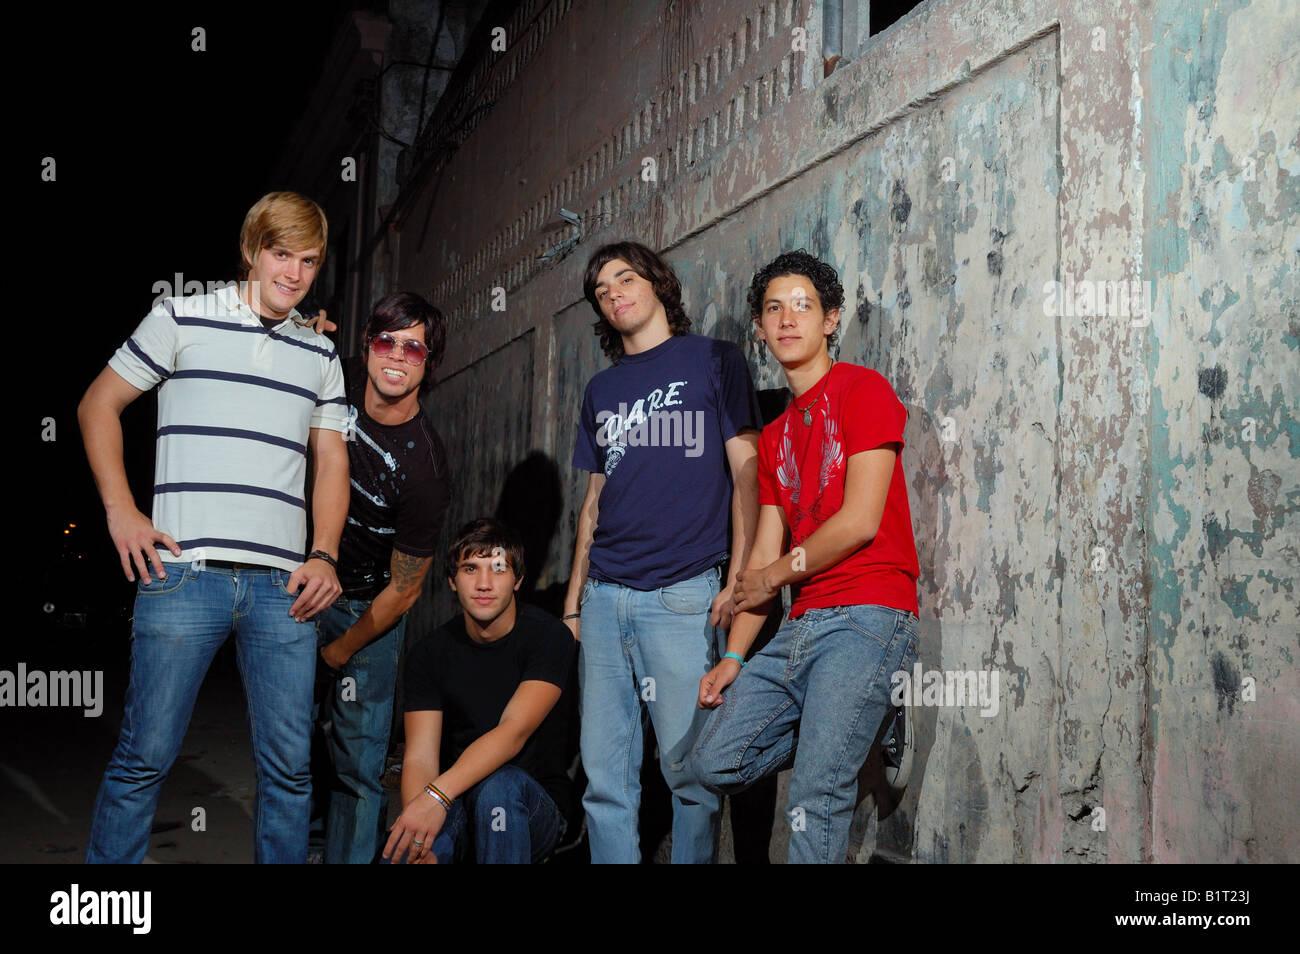 Gruppo Informale di adolescenti in piedi contro la parete di grunge Immagini Stock